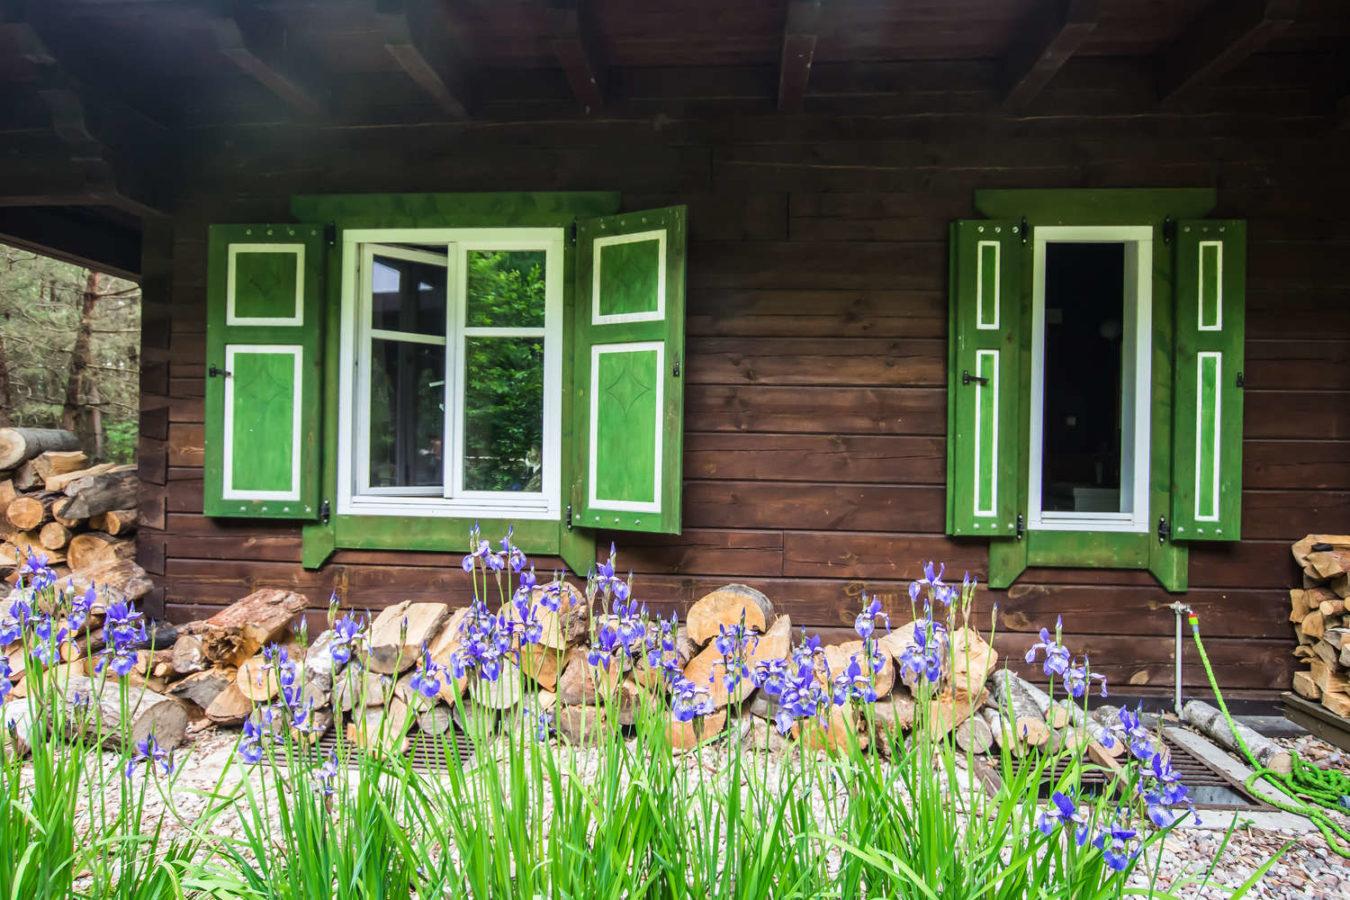 zielone okiennice w kolonii mazurskiej